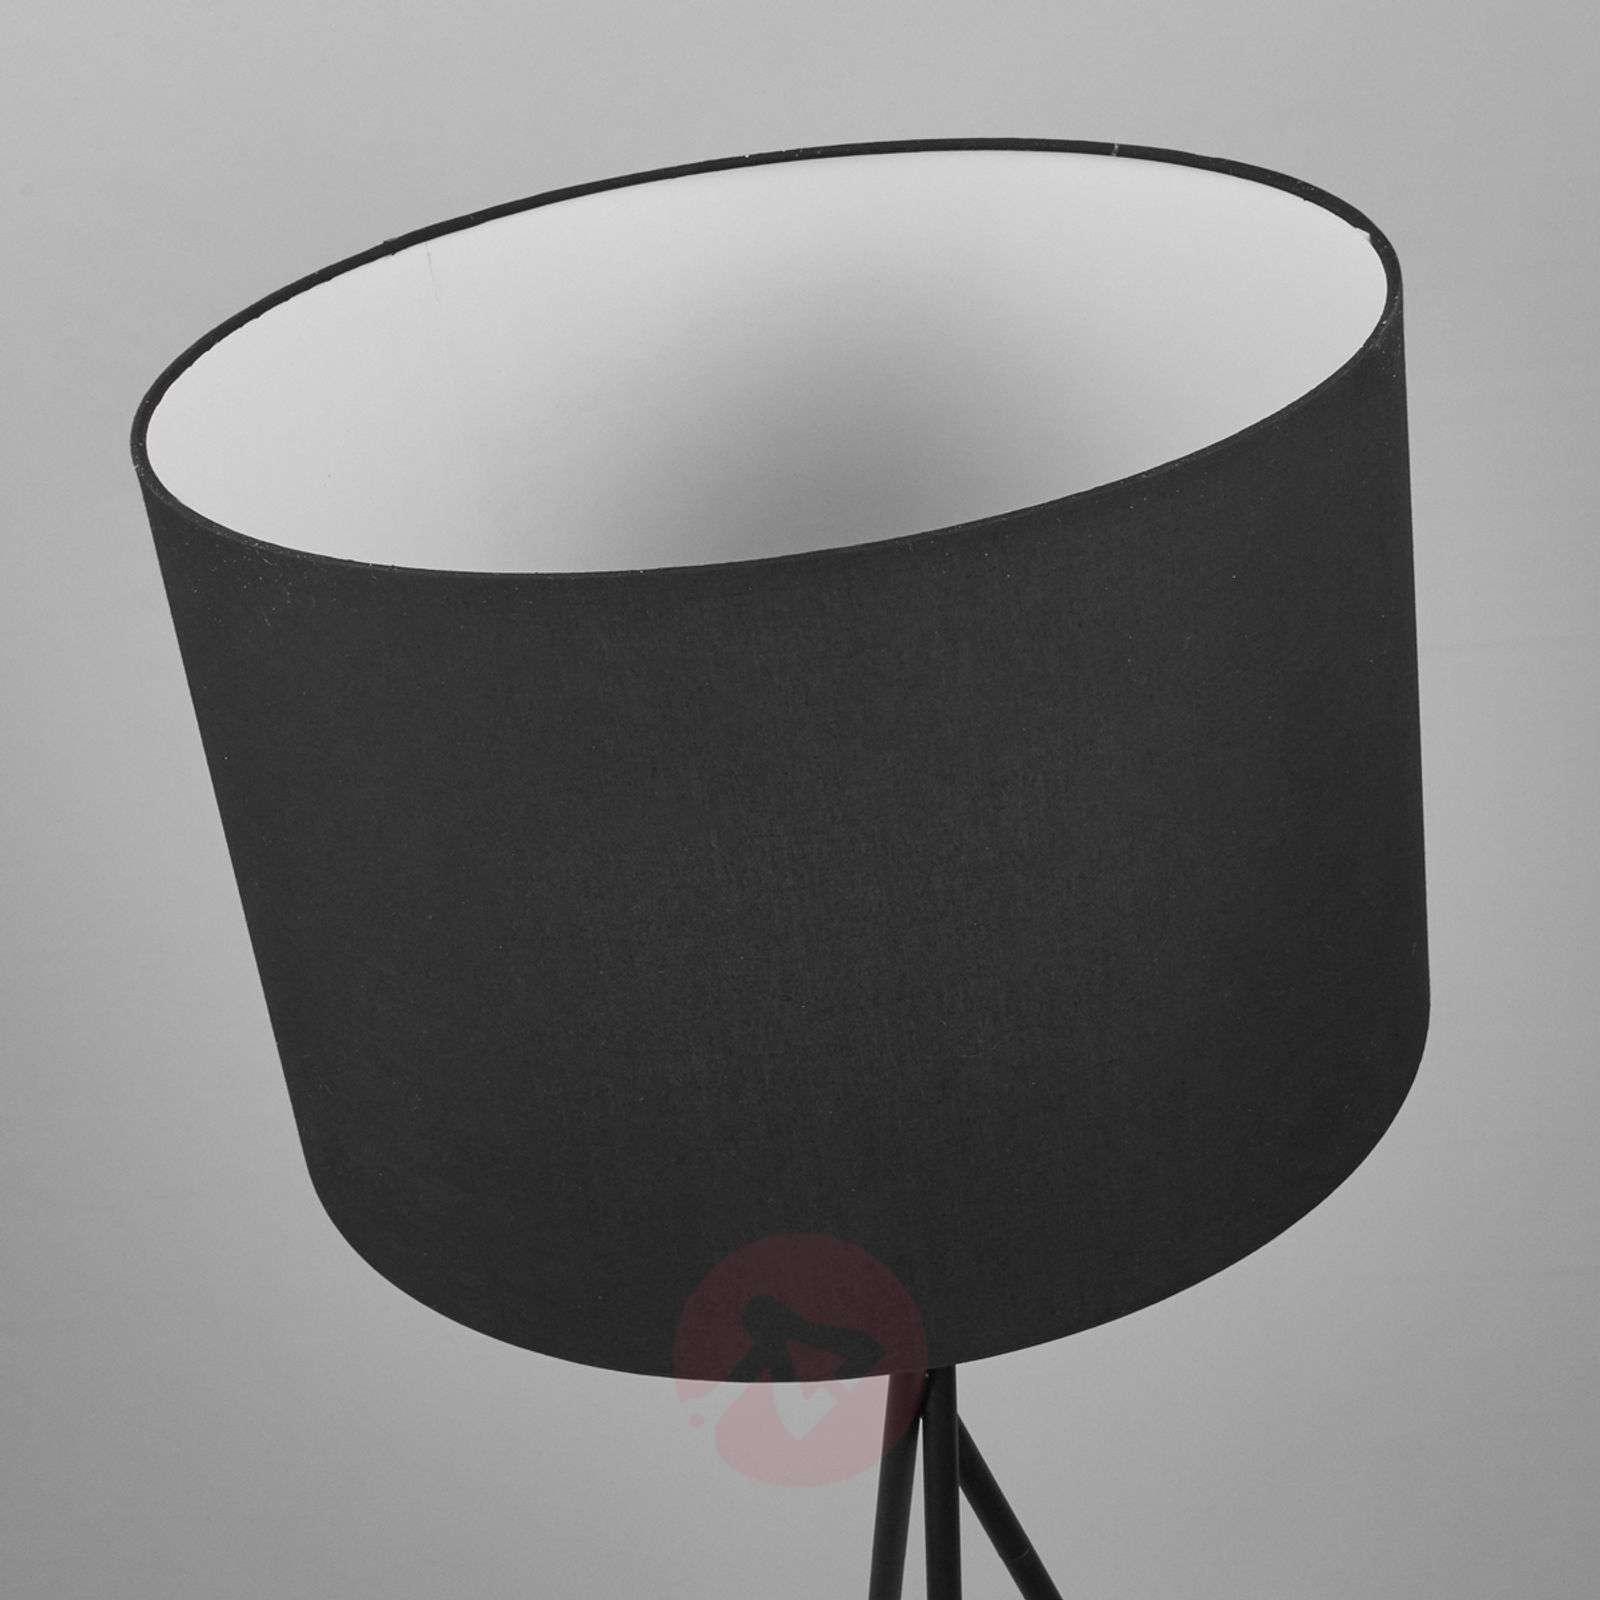 Fiby tekstiililattiavalaisin, musta varjostin-4018035-02